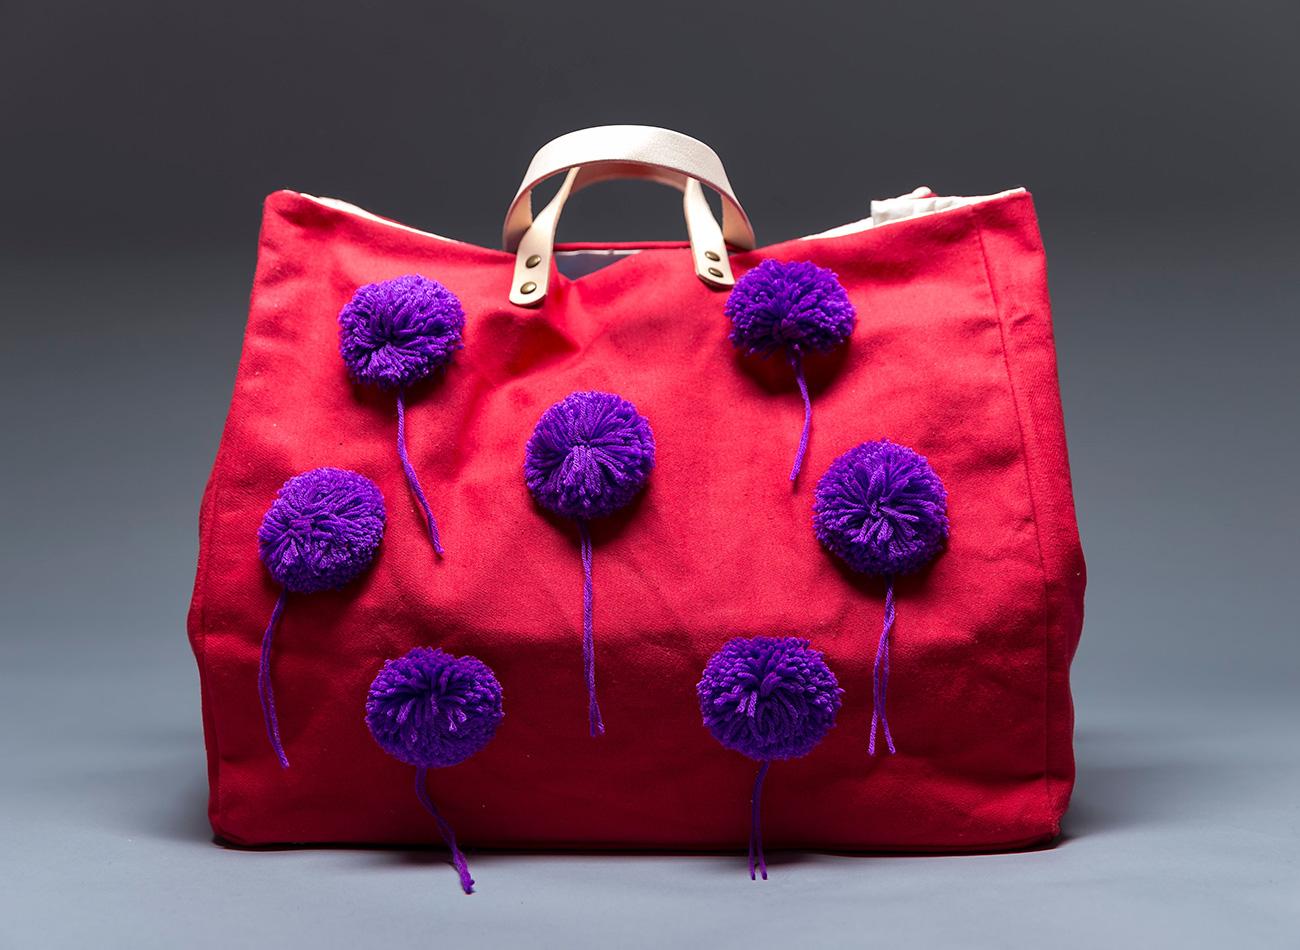 Red Pom-Pom Totes